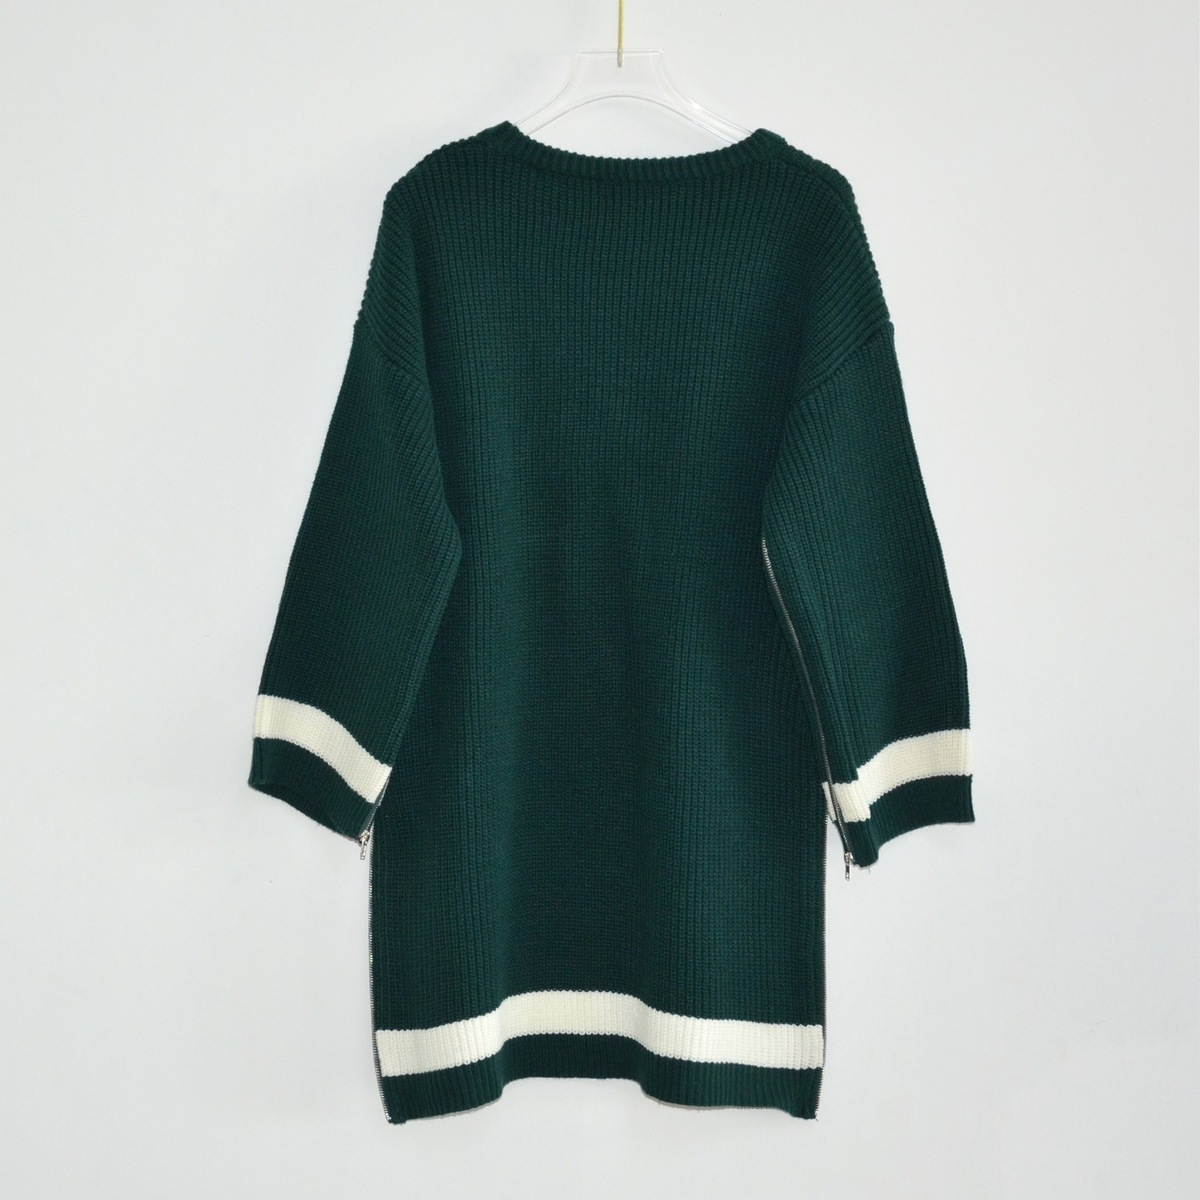 En Mode Vert À Stock Chandail Green Manches Femmes Noirâtre Hiver Pulls Longues Automne Et Blackish 2018 Irrégulière Haute Qualité Nouvelle Chandails C0nSwzOrC